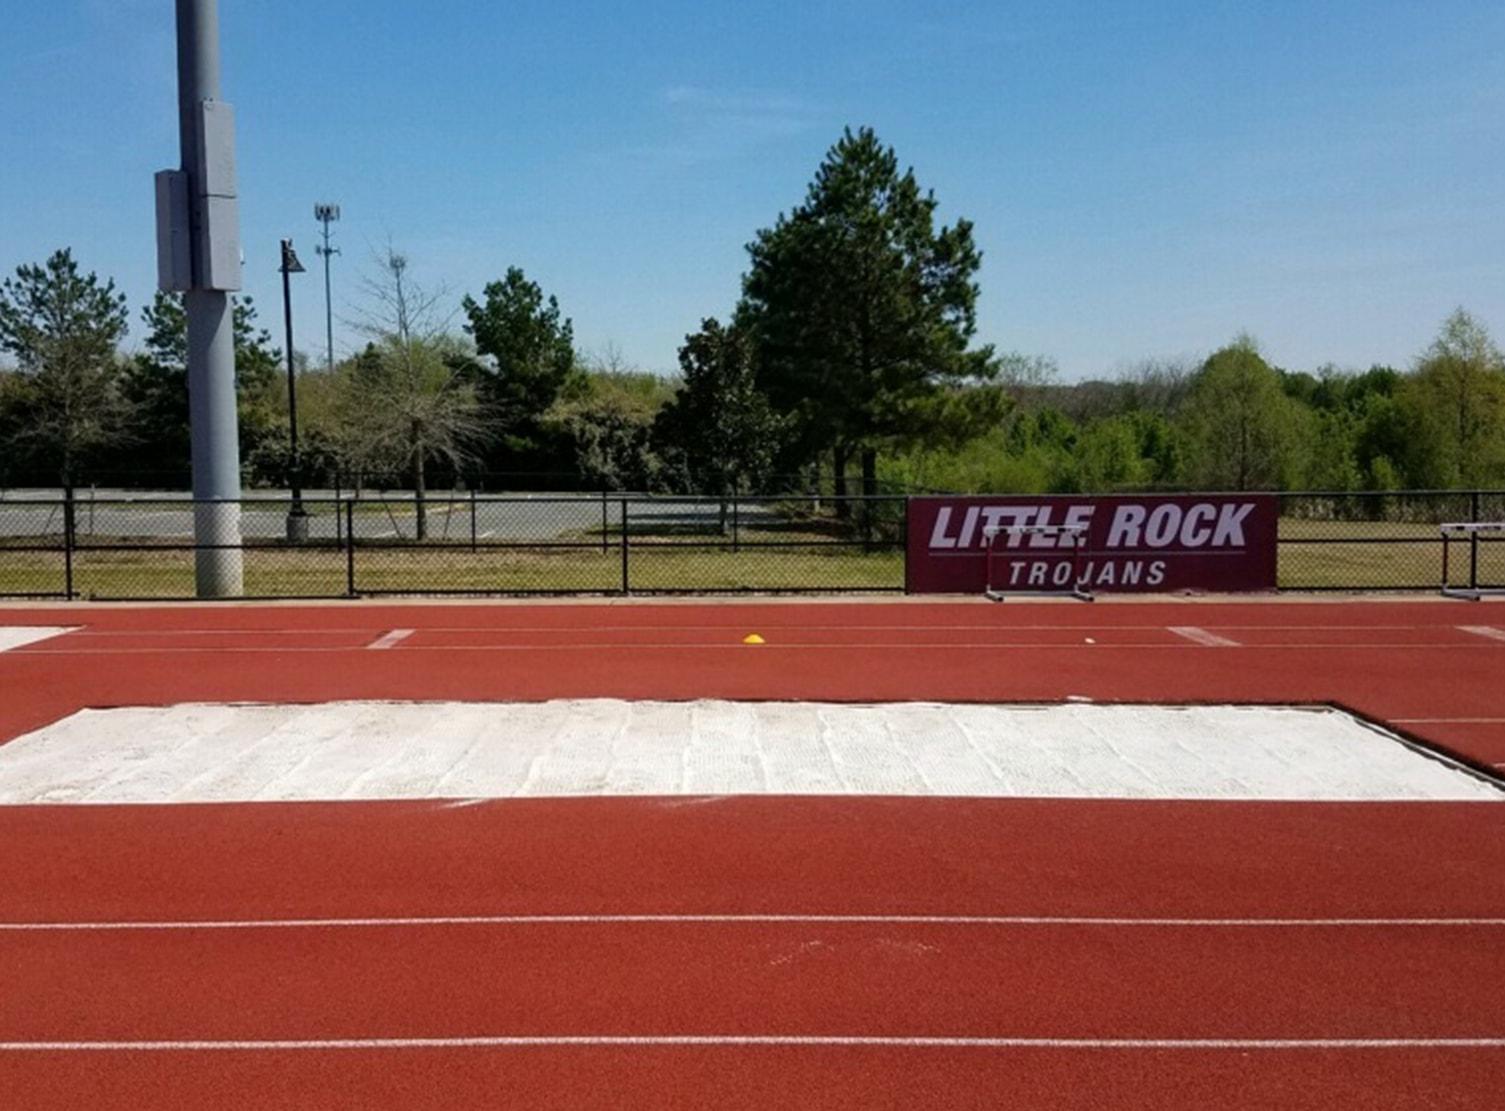 little rock trojans long jump sand pit